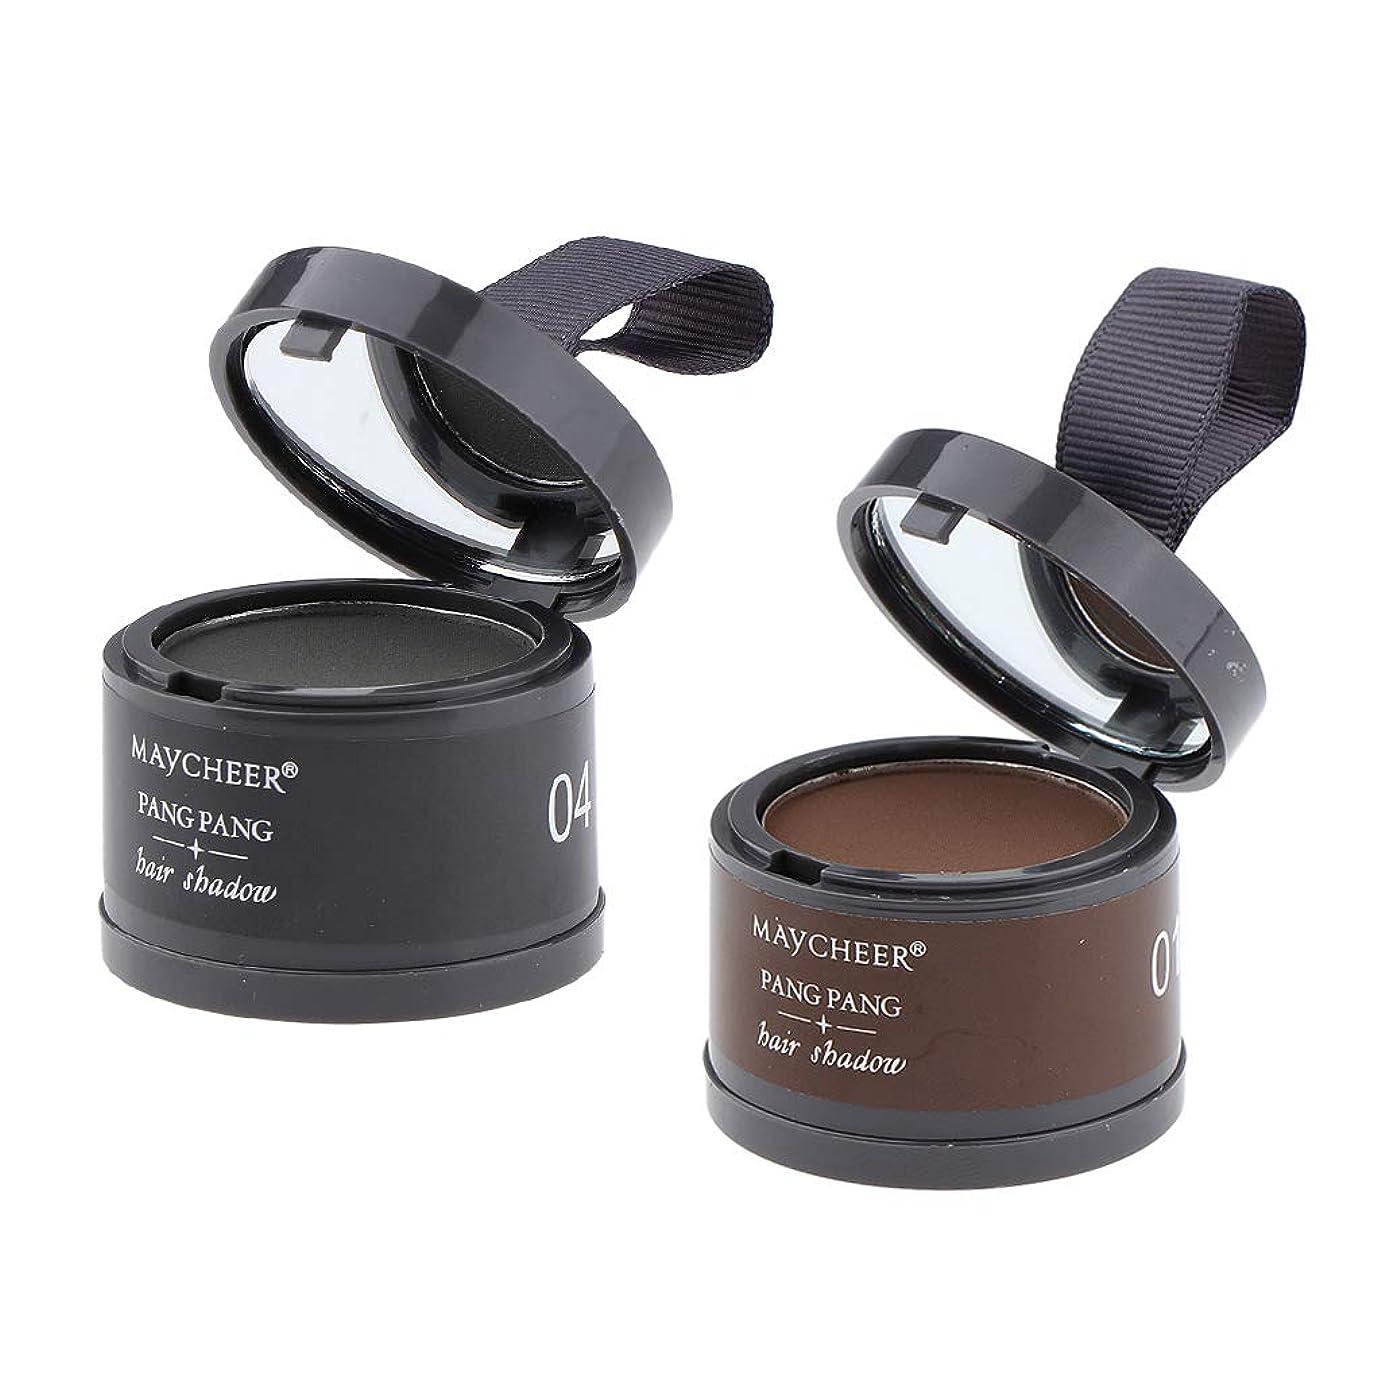 層重要性進化CUTICATE ヘアラインシャドー パウダー 髪パウダー 防水 汗防ぐ 髪の生え際糸調整 防水 パフ付き 2個セット